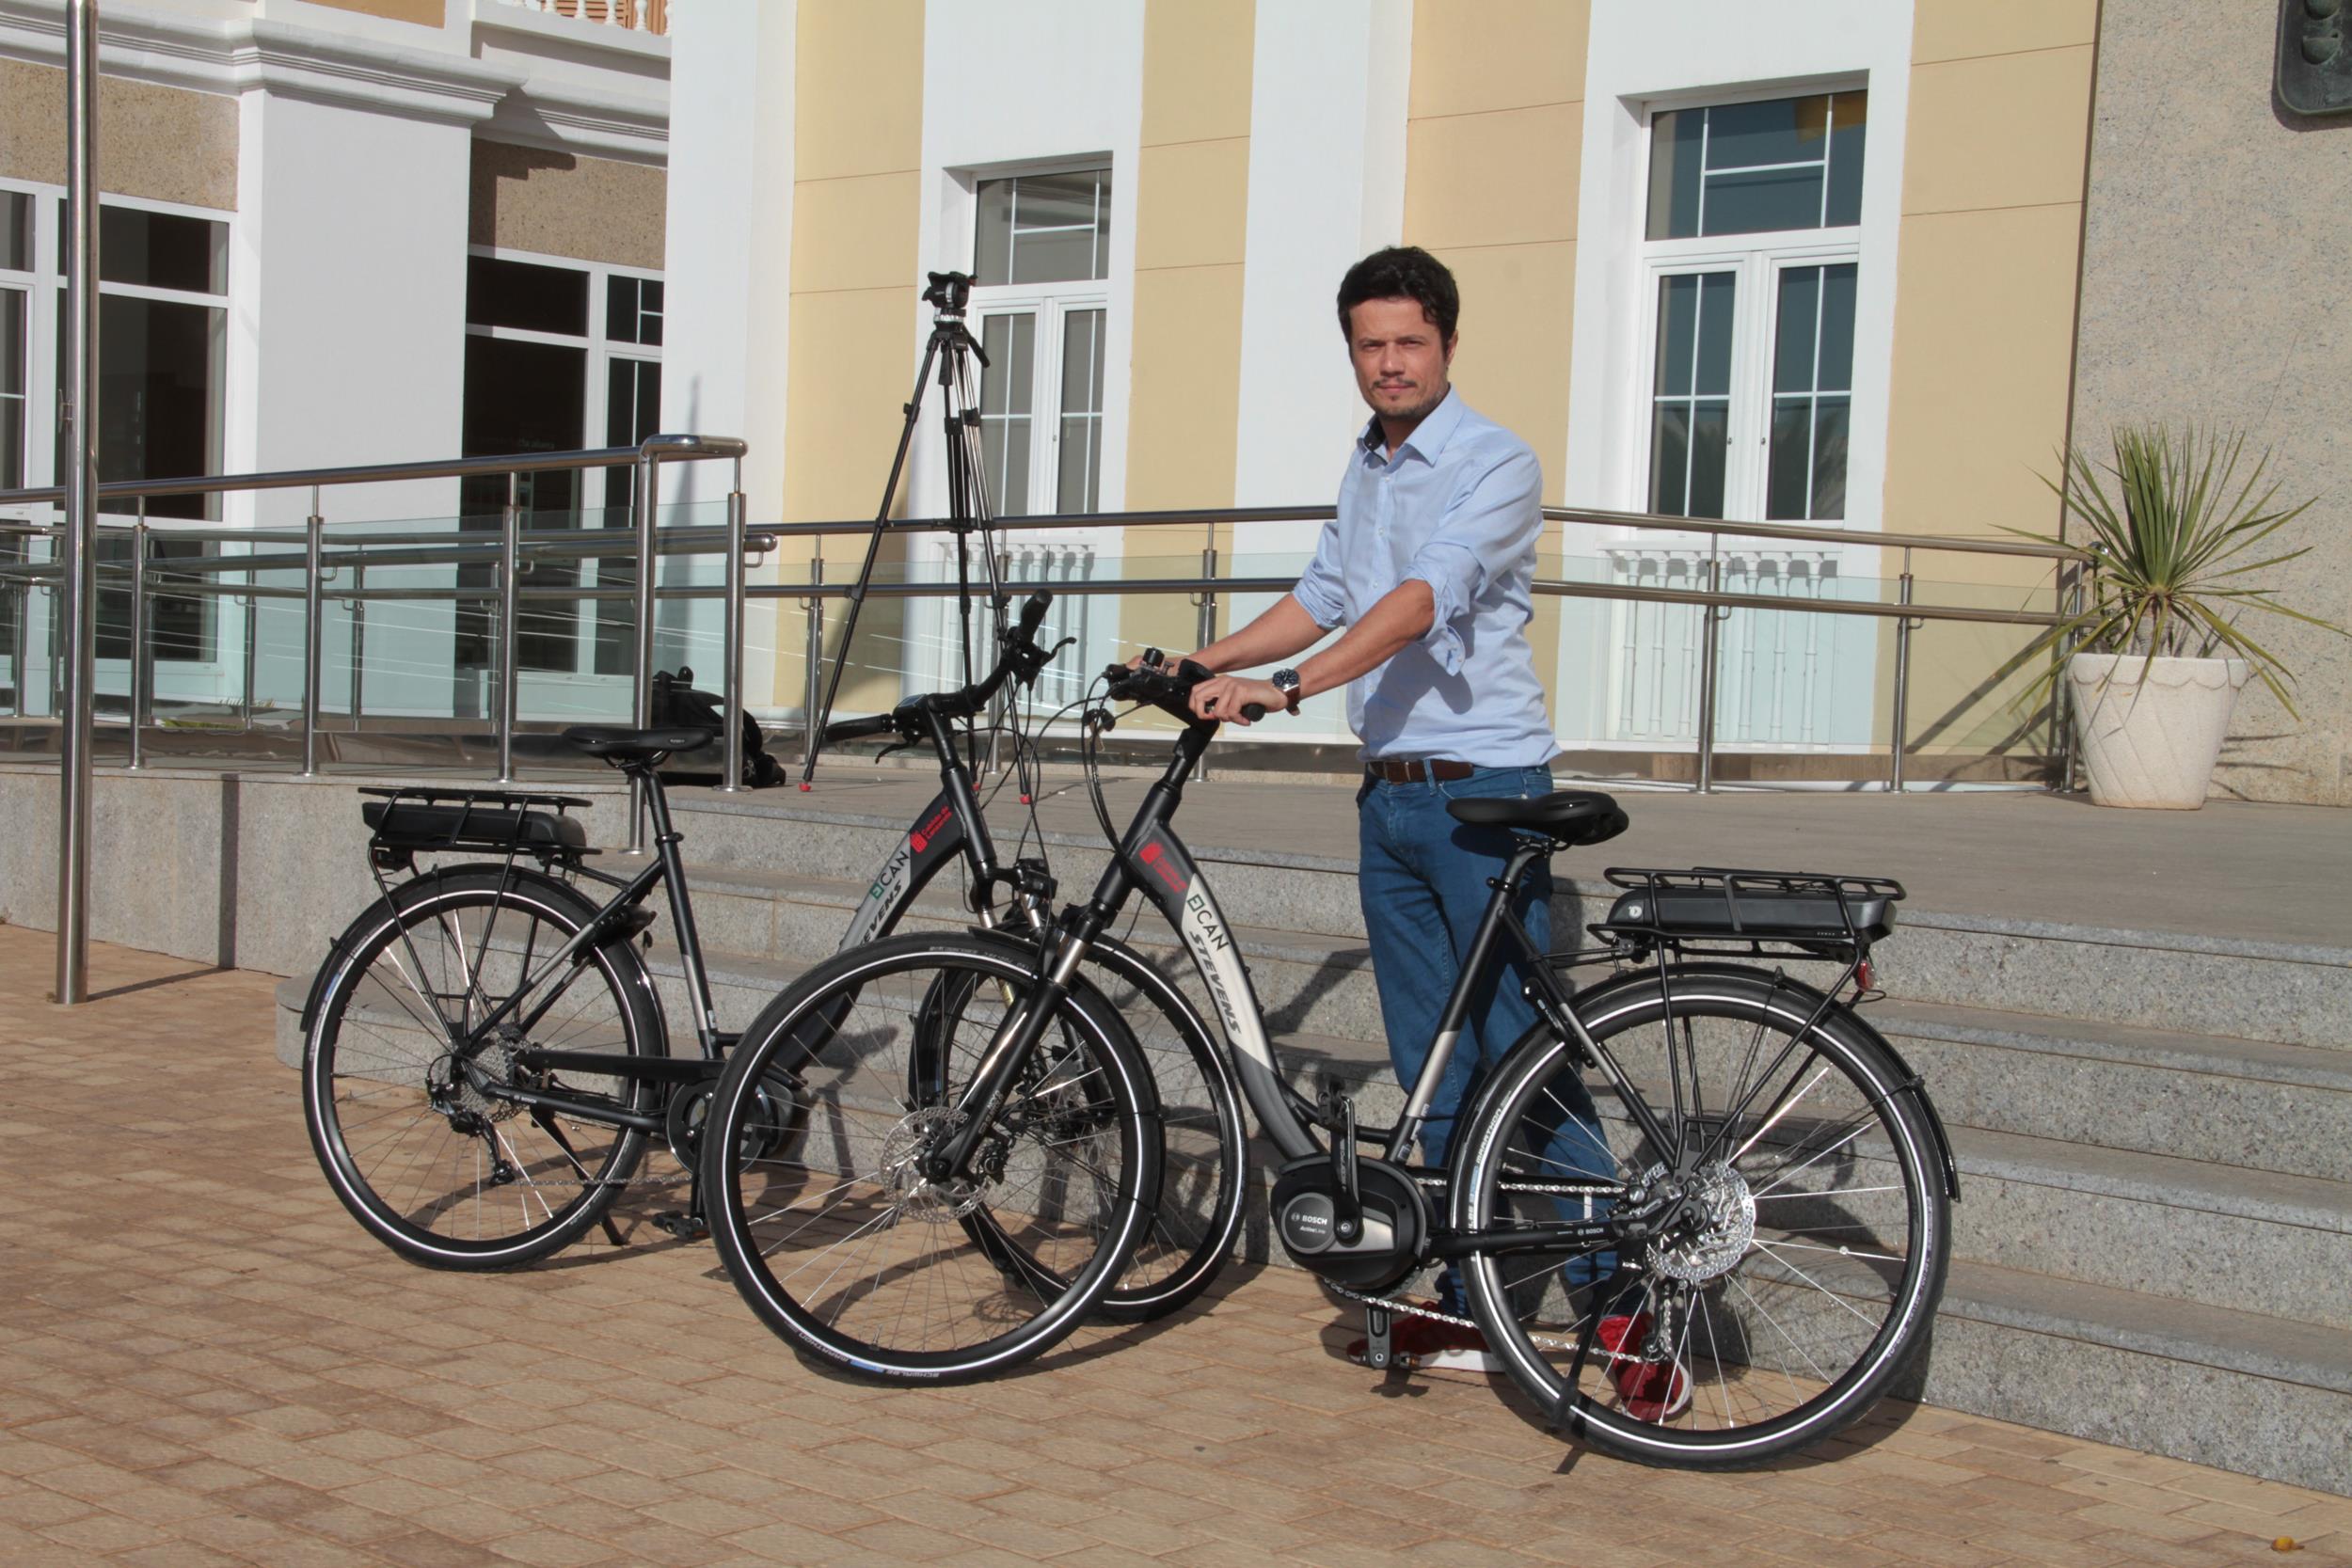 El Cabildo de Lanzarote adquiere dos bicicletas eléctricas que contribuirán al modelo de movilidad sostenible por el que apuesta la Corporación